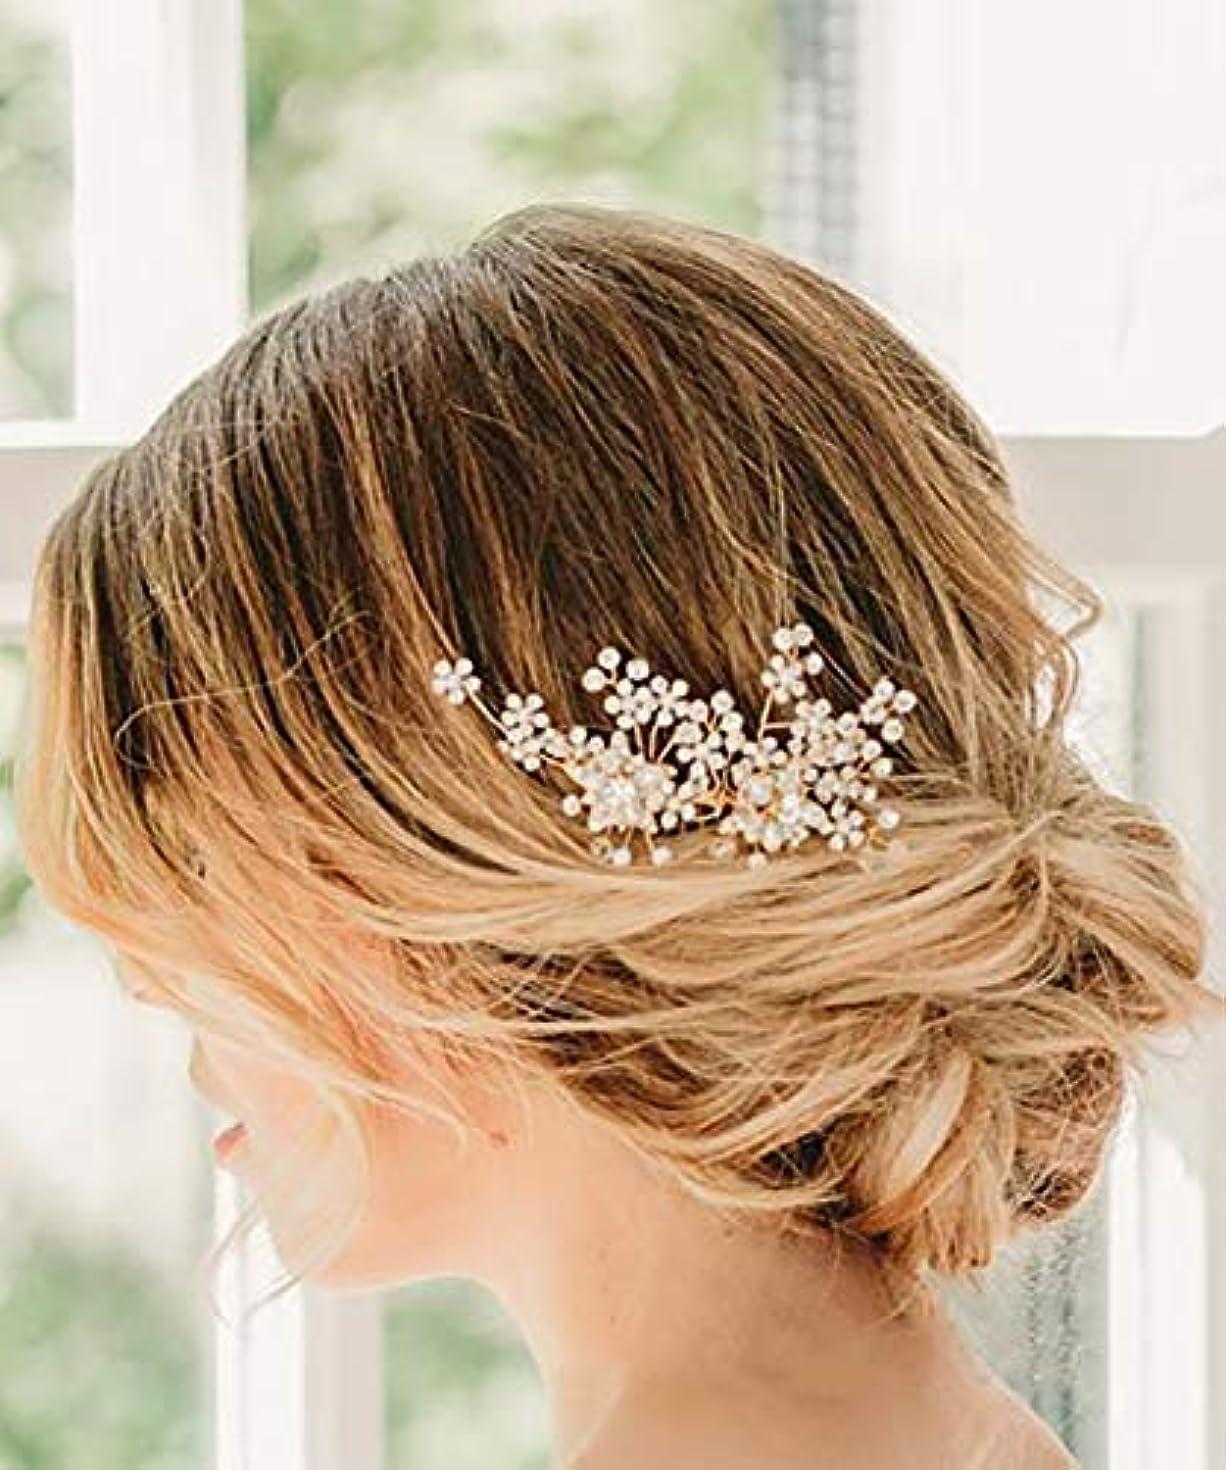 生理精通した打撃Deniferymakeup Dainty Bridal Floral Hair Comb Wedding Pearl Hair Comb Woodland Bridal Hair Accessories Flower...